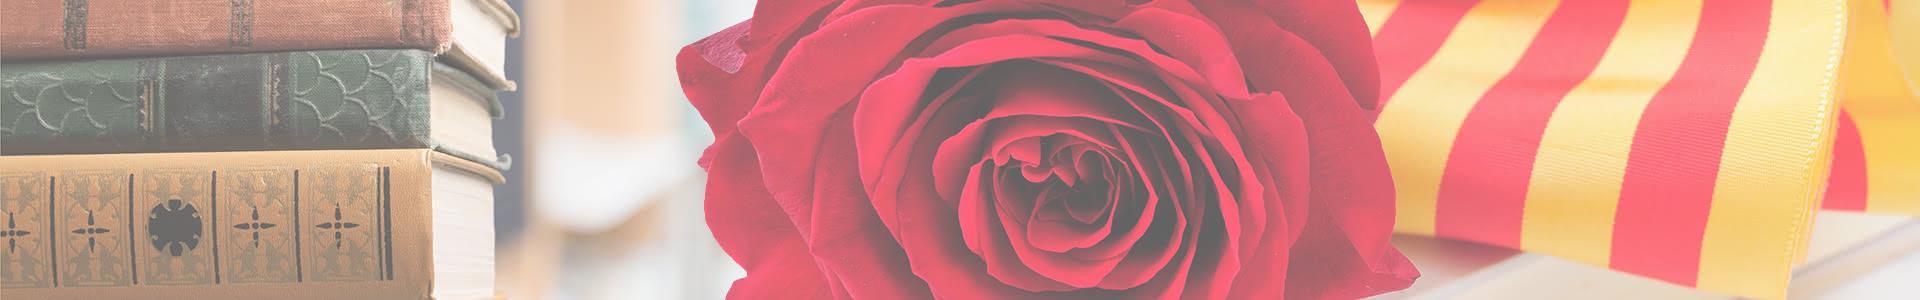 14 libros para regalar junto a tu rosa el Día de Sant Jordi